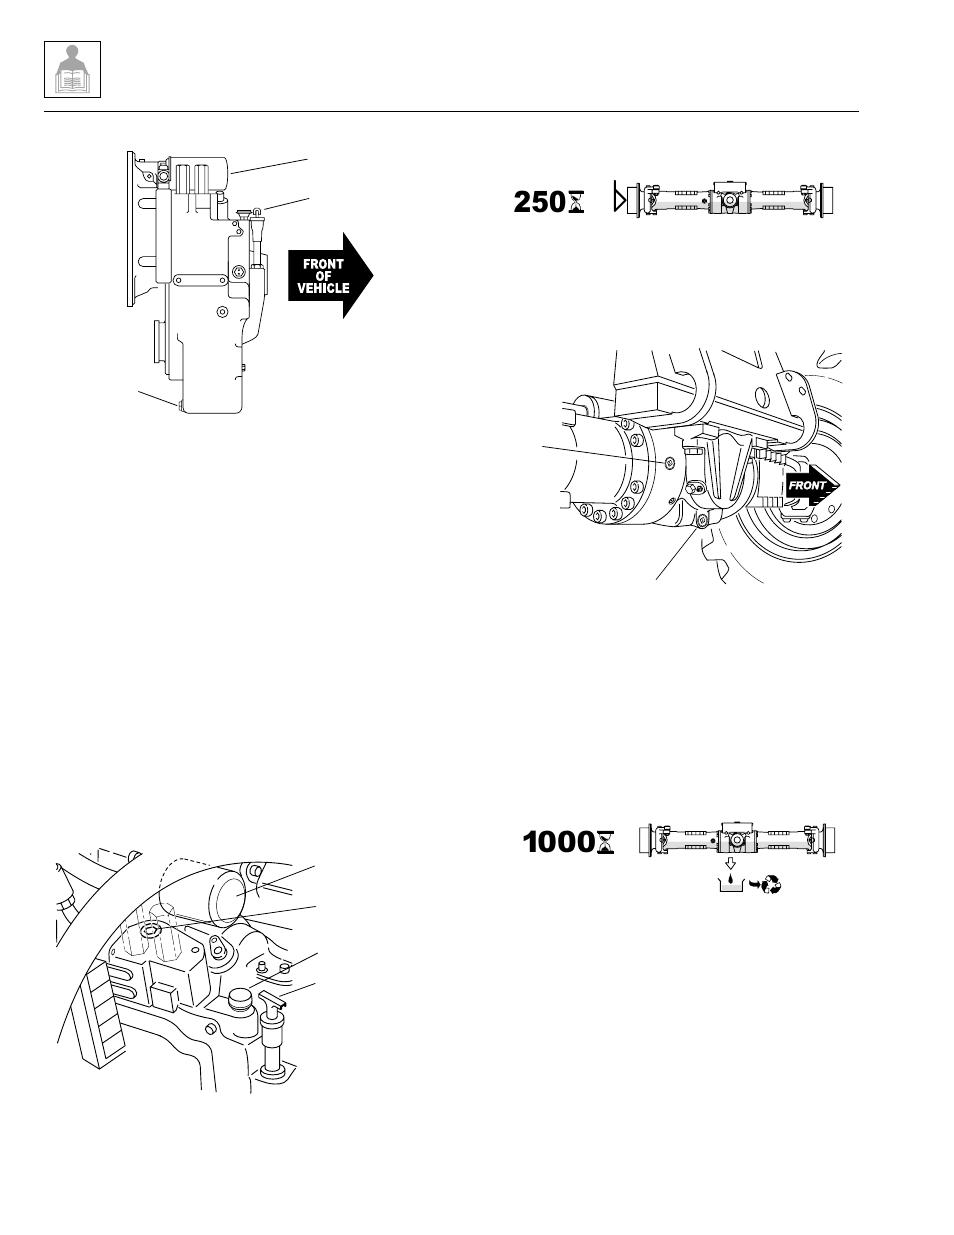 Axle oil -32, See 2 12 11, L (see 2 12 11)   SkyTrak 3606